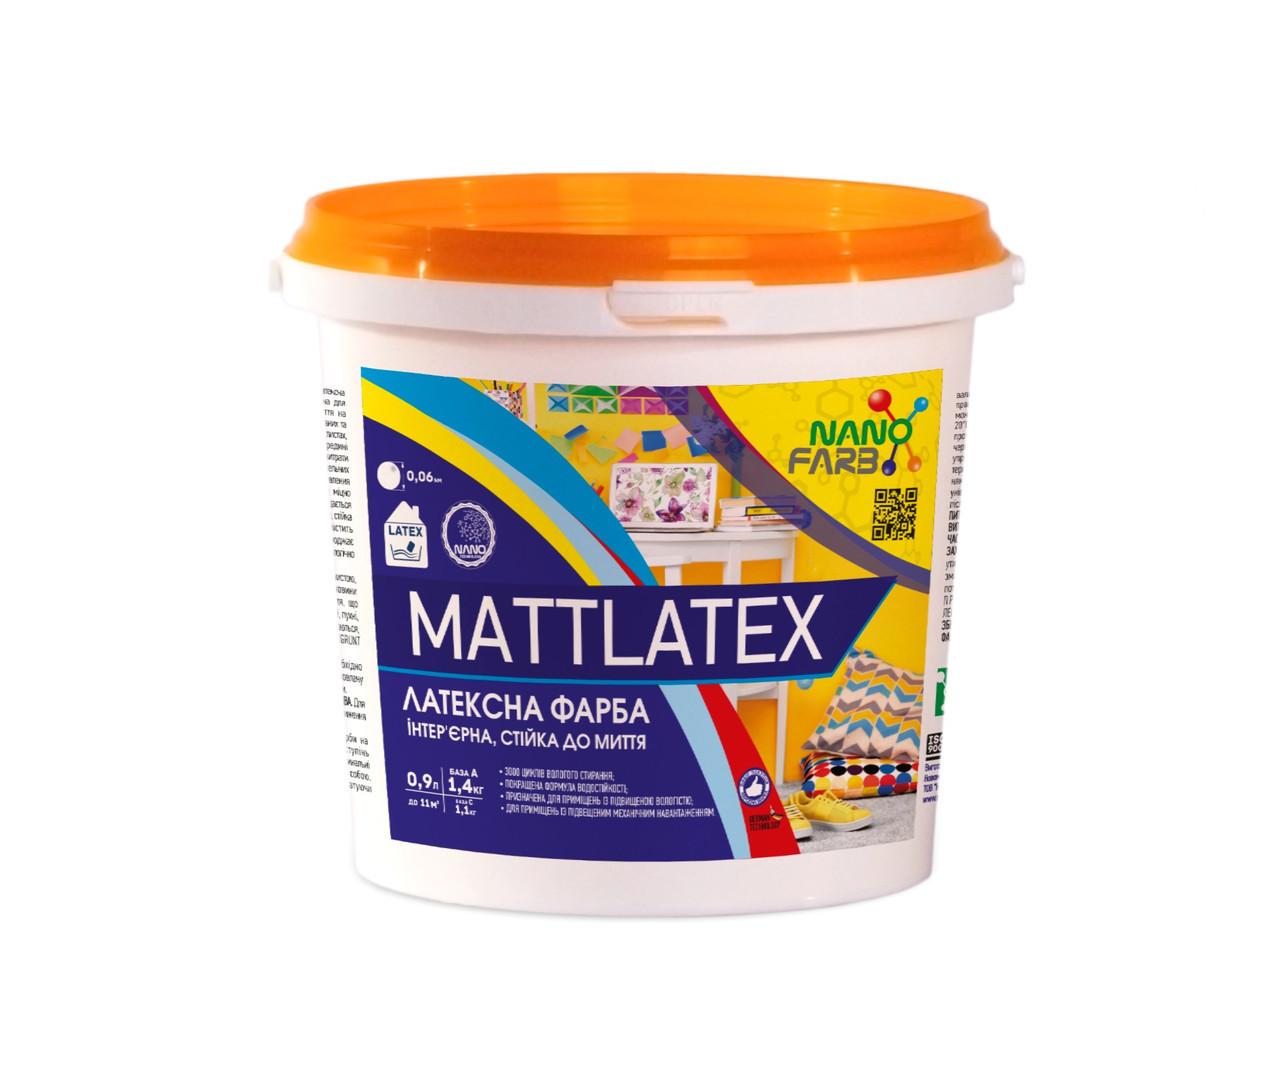 Интерьерная акриловая латексная краска моющая Mattlatex Nano farb 1.4 кг